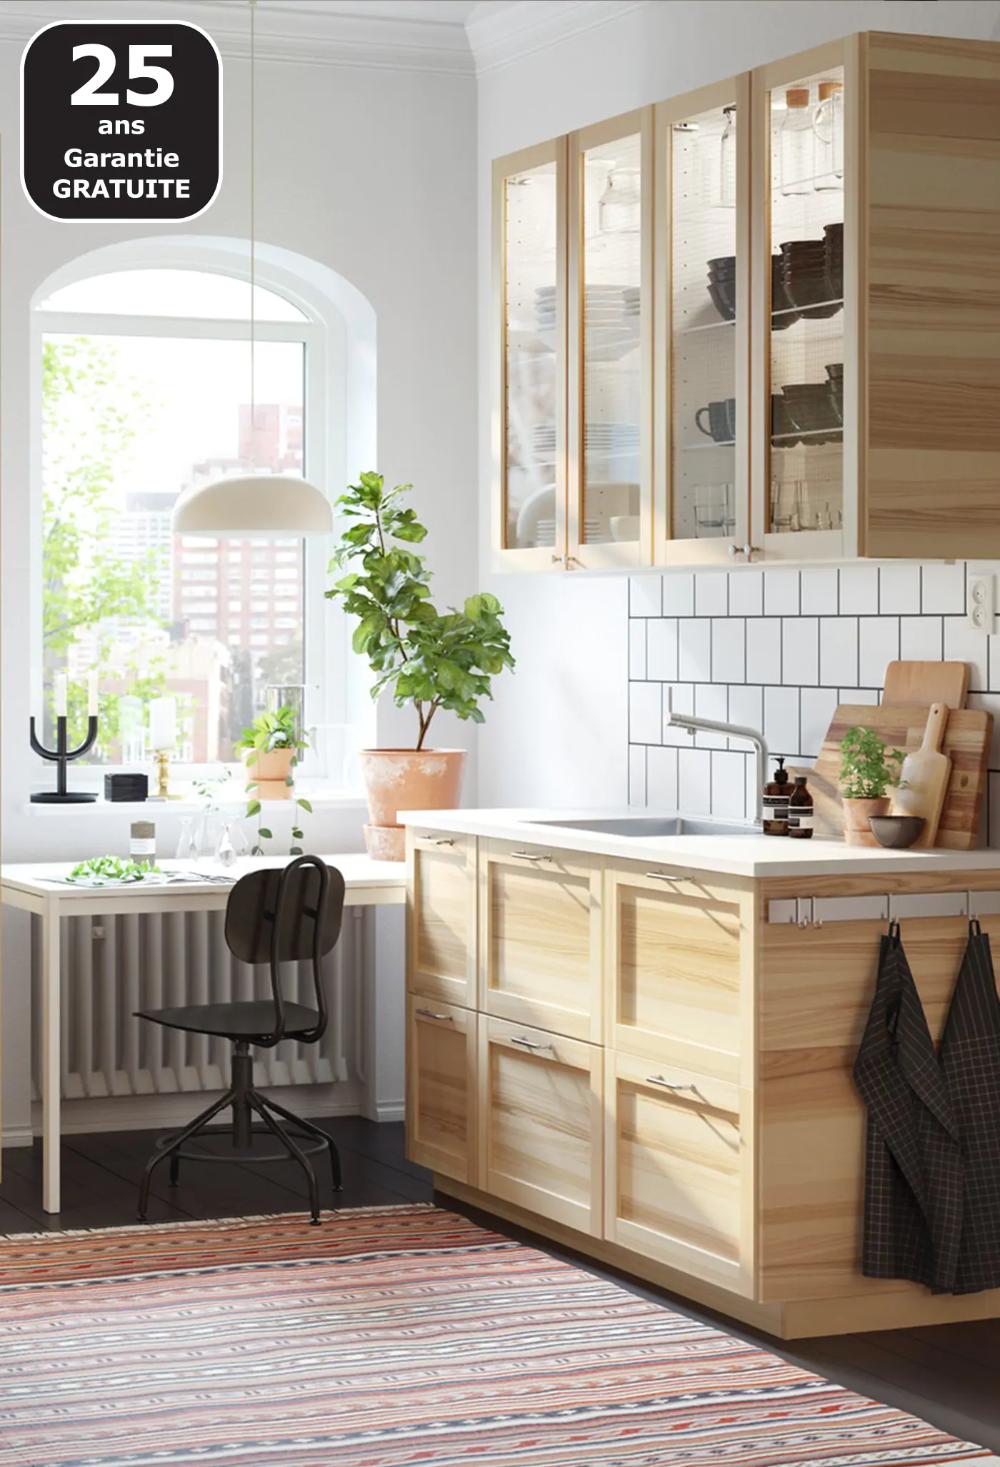 Goutez A L Artisanat De Qualite En 2020 Amenagement Appartement Ikea Photo Cuisine